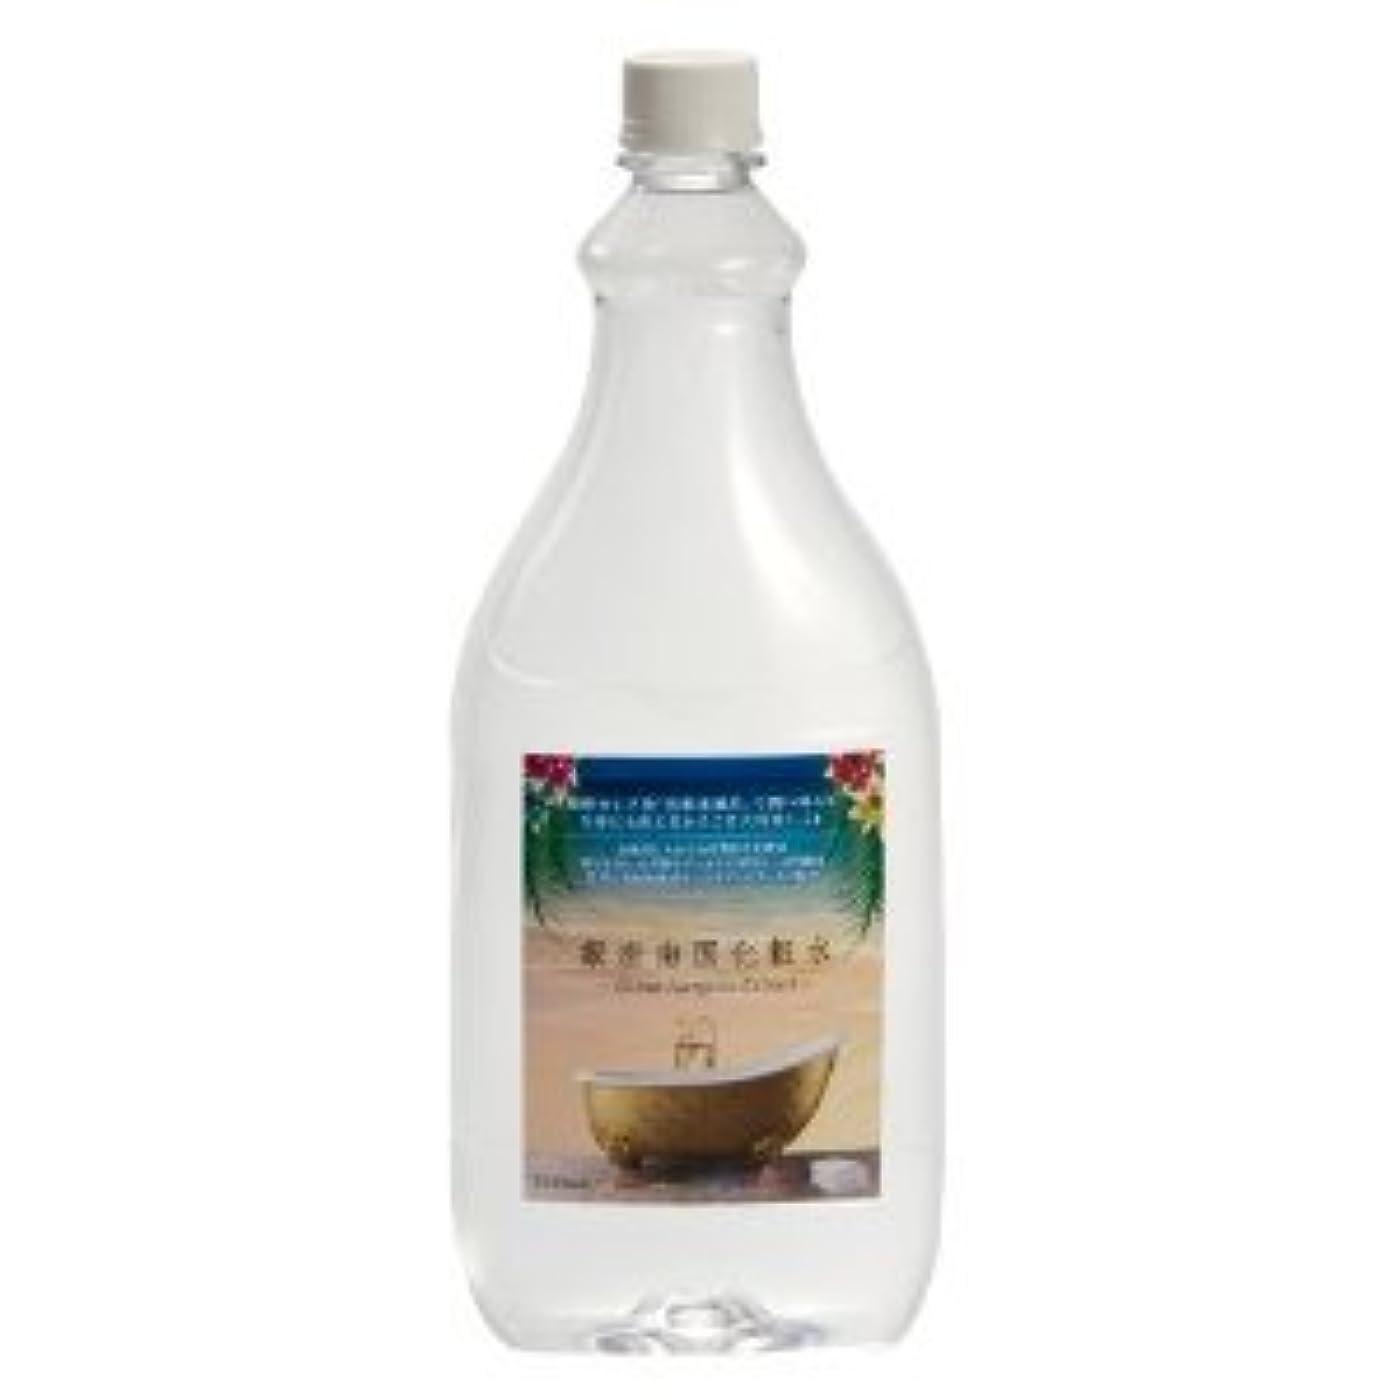 アカデミージョセフバンクス価値銀座南国化粧水 (1000ml) スプレーボトル付きセット